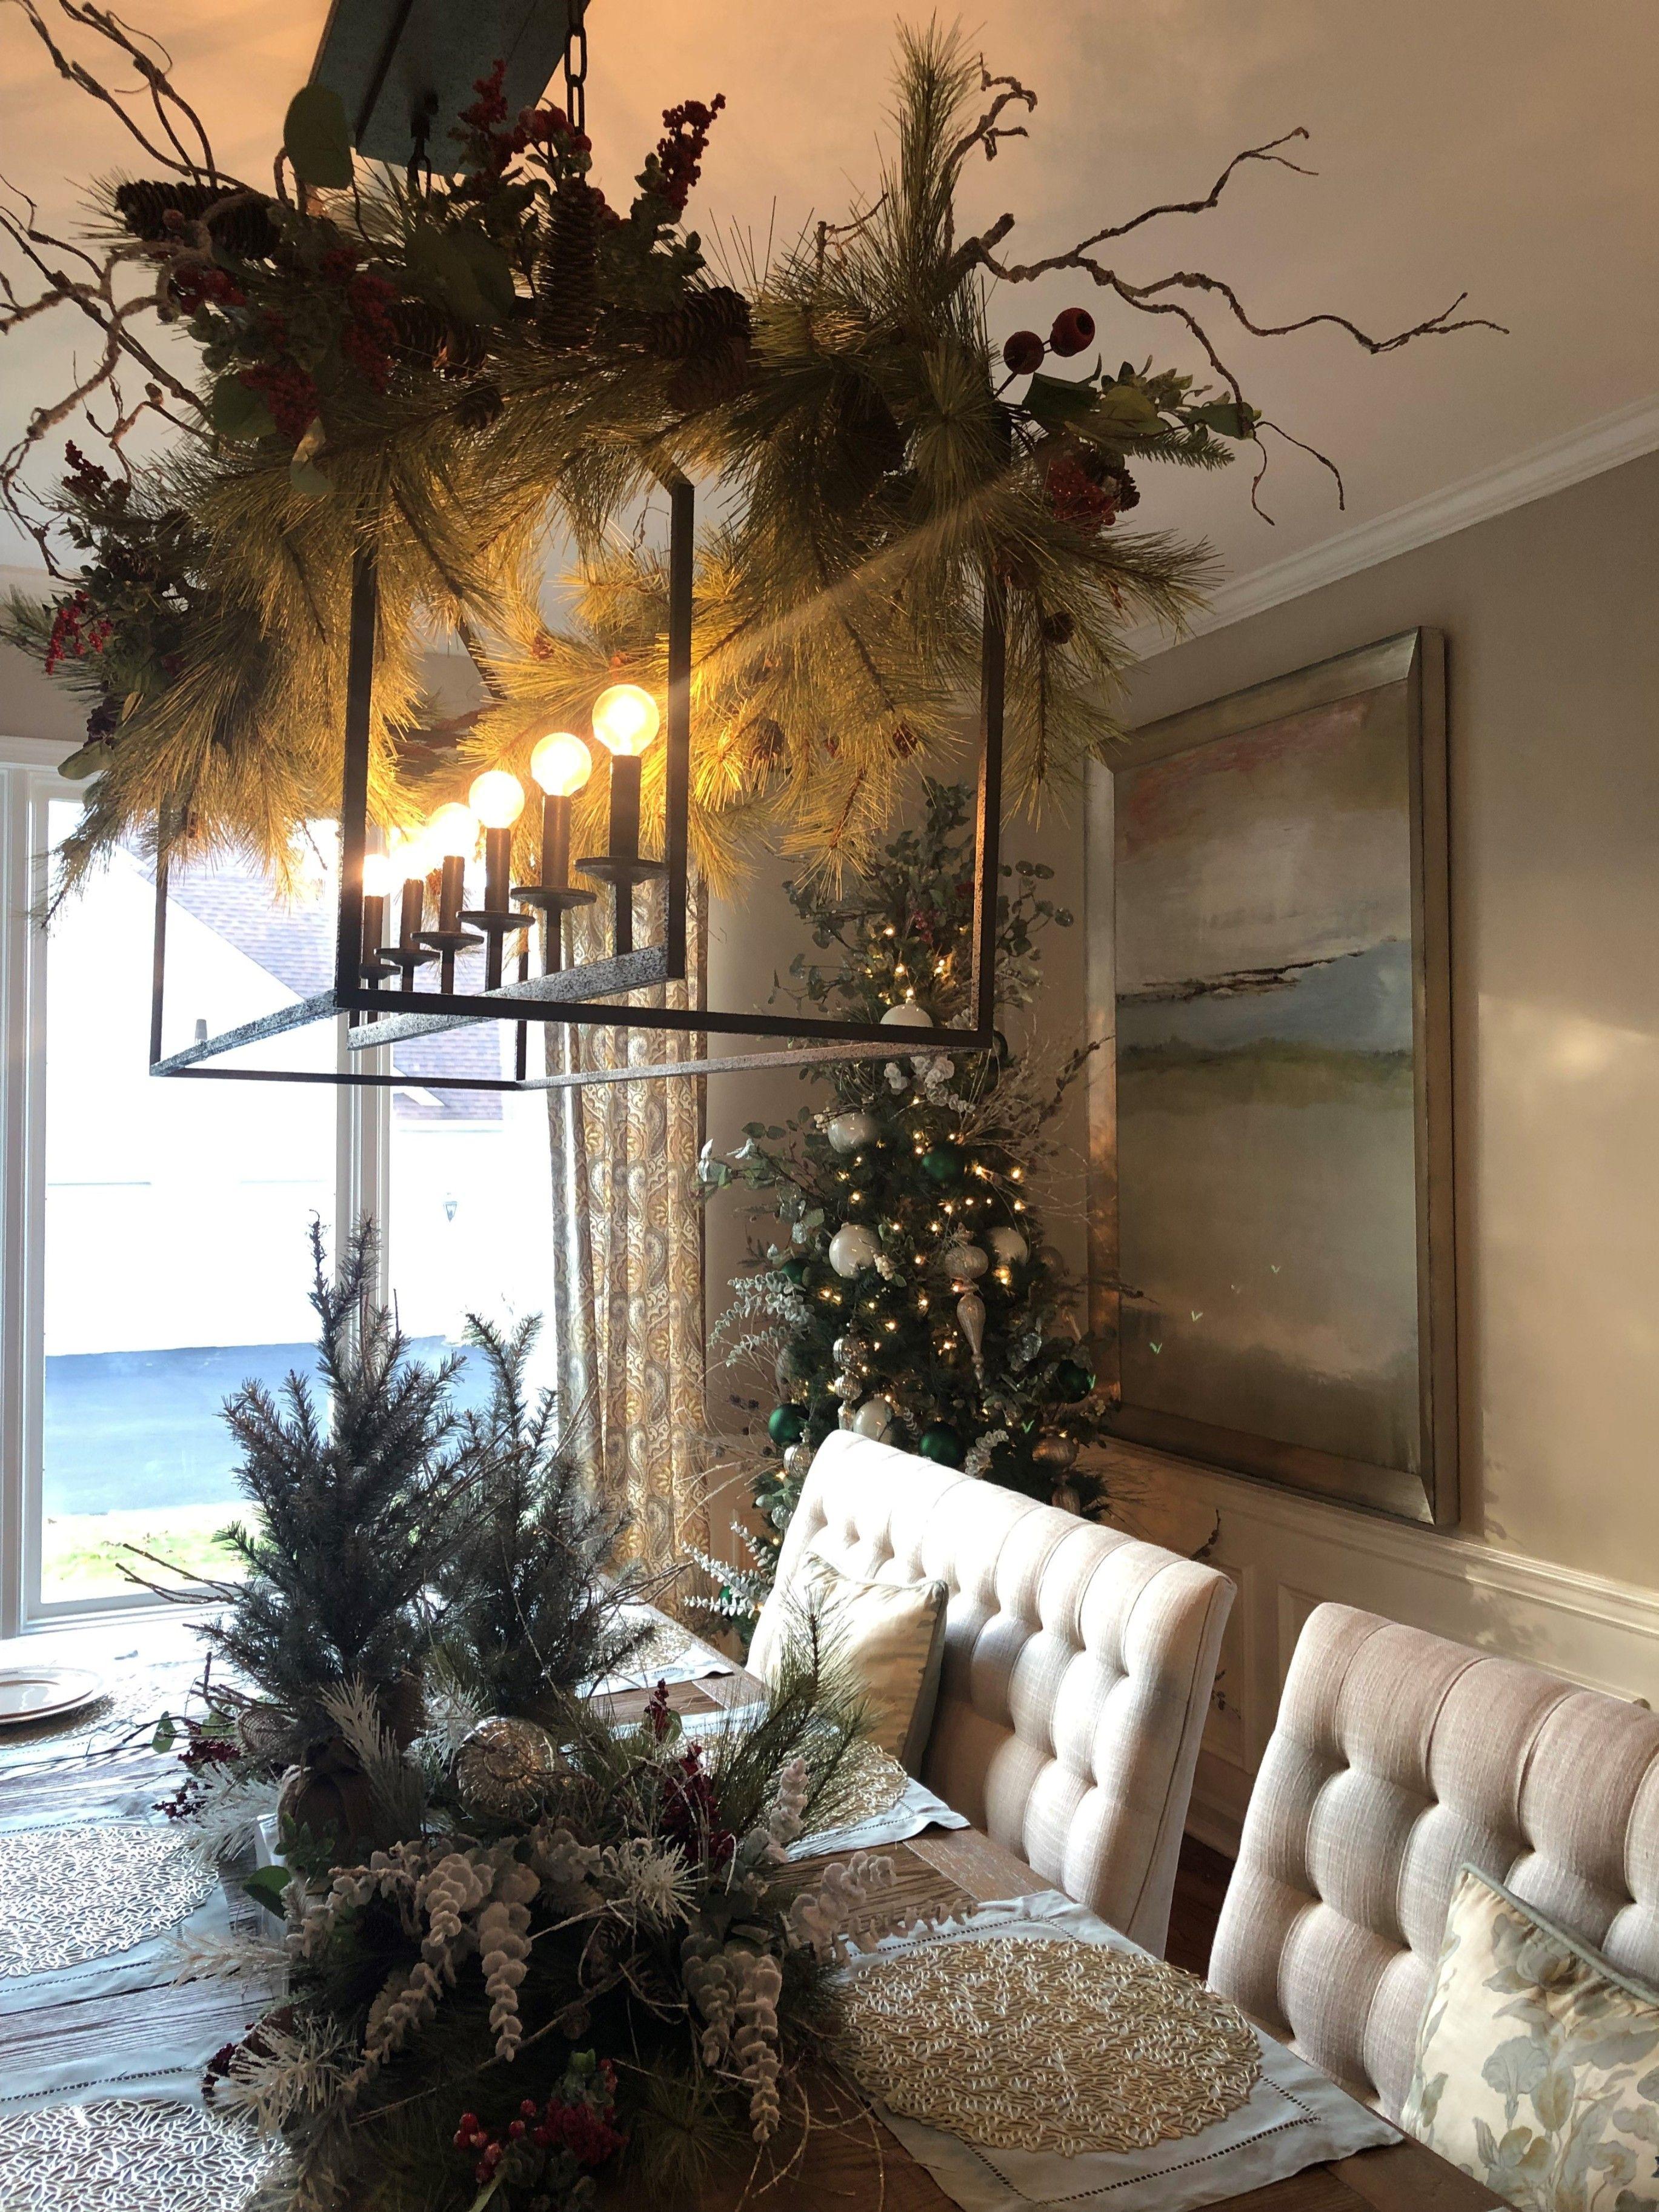 #holiday #holidayseason #holidaydecor #holidayshopping # ...